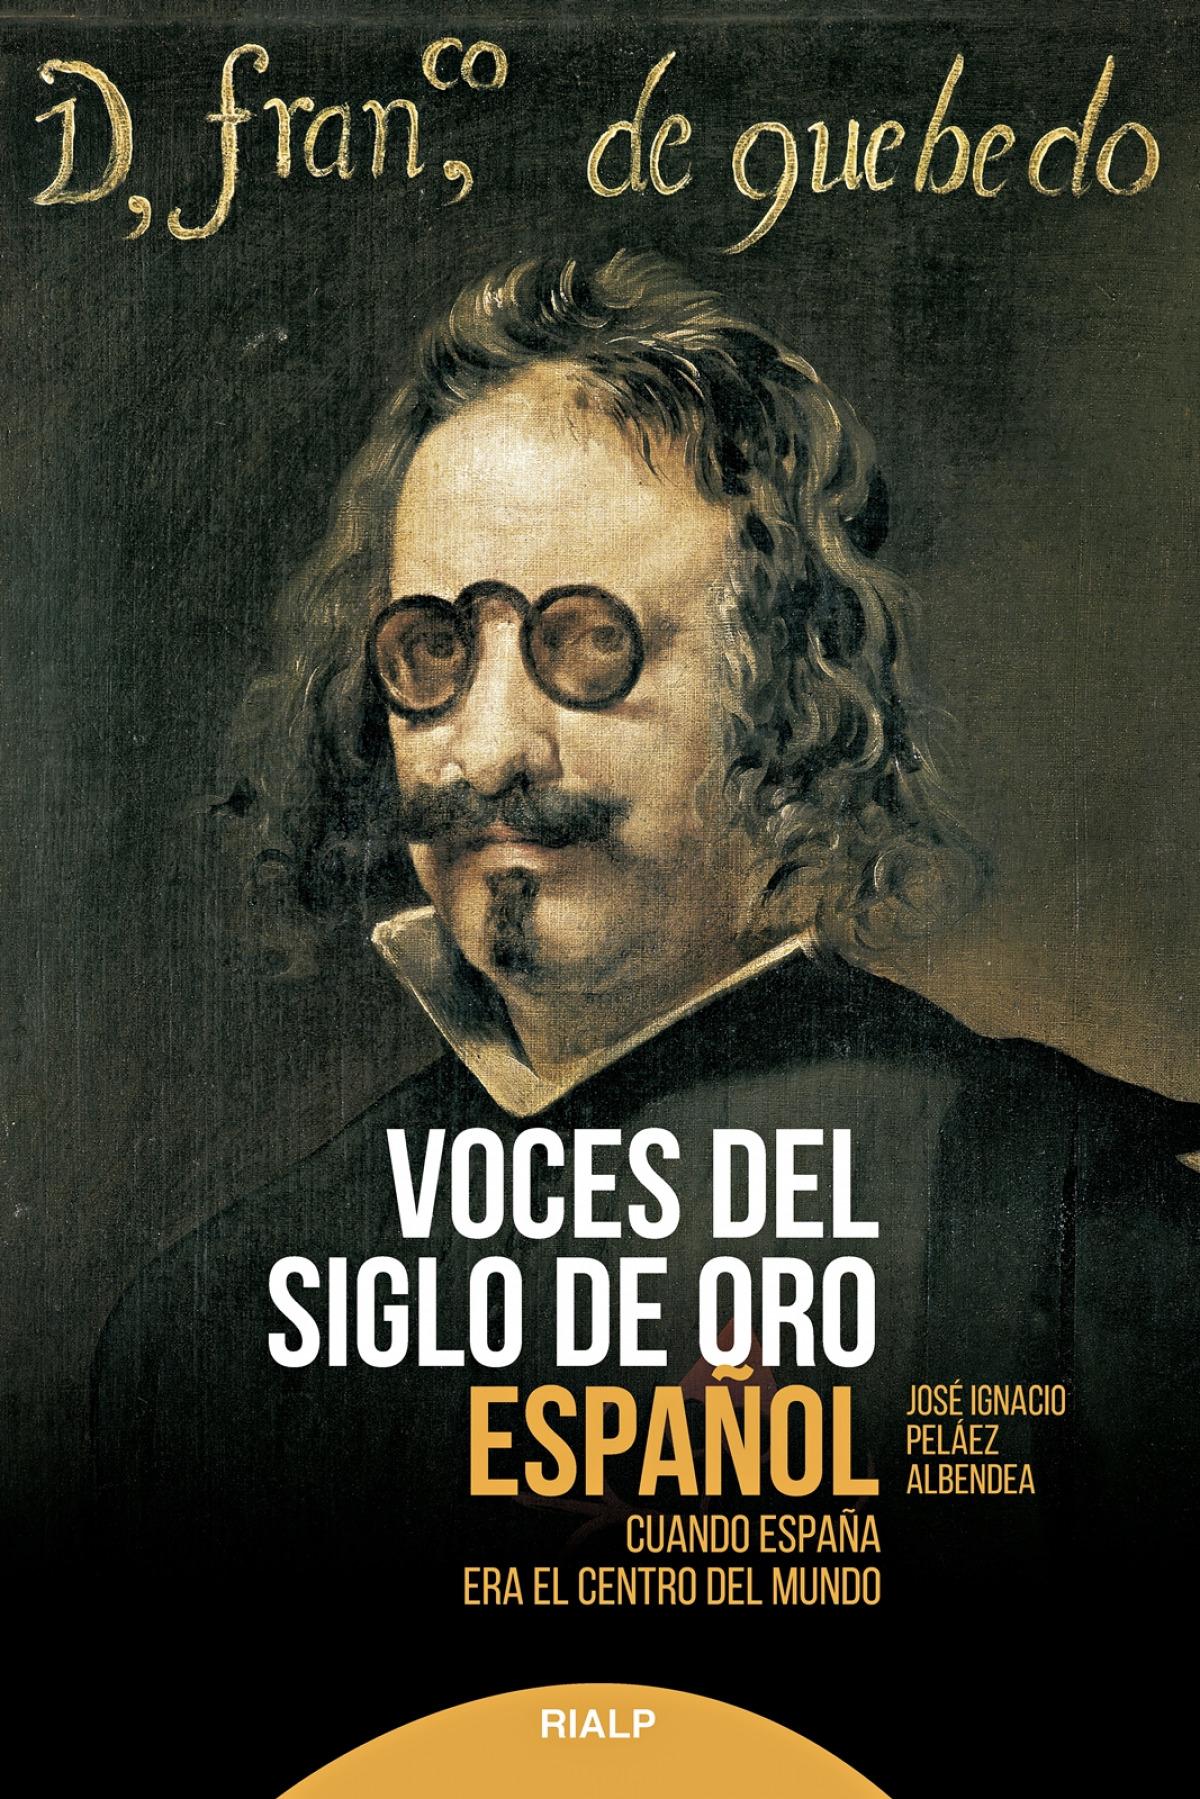 VOCES DEL SIGLO DE ORO ESPAÑOL